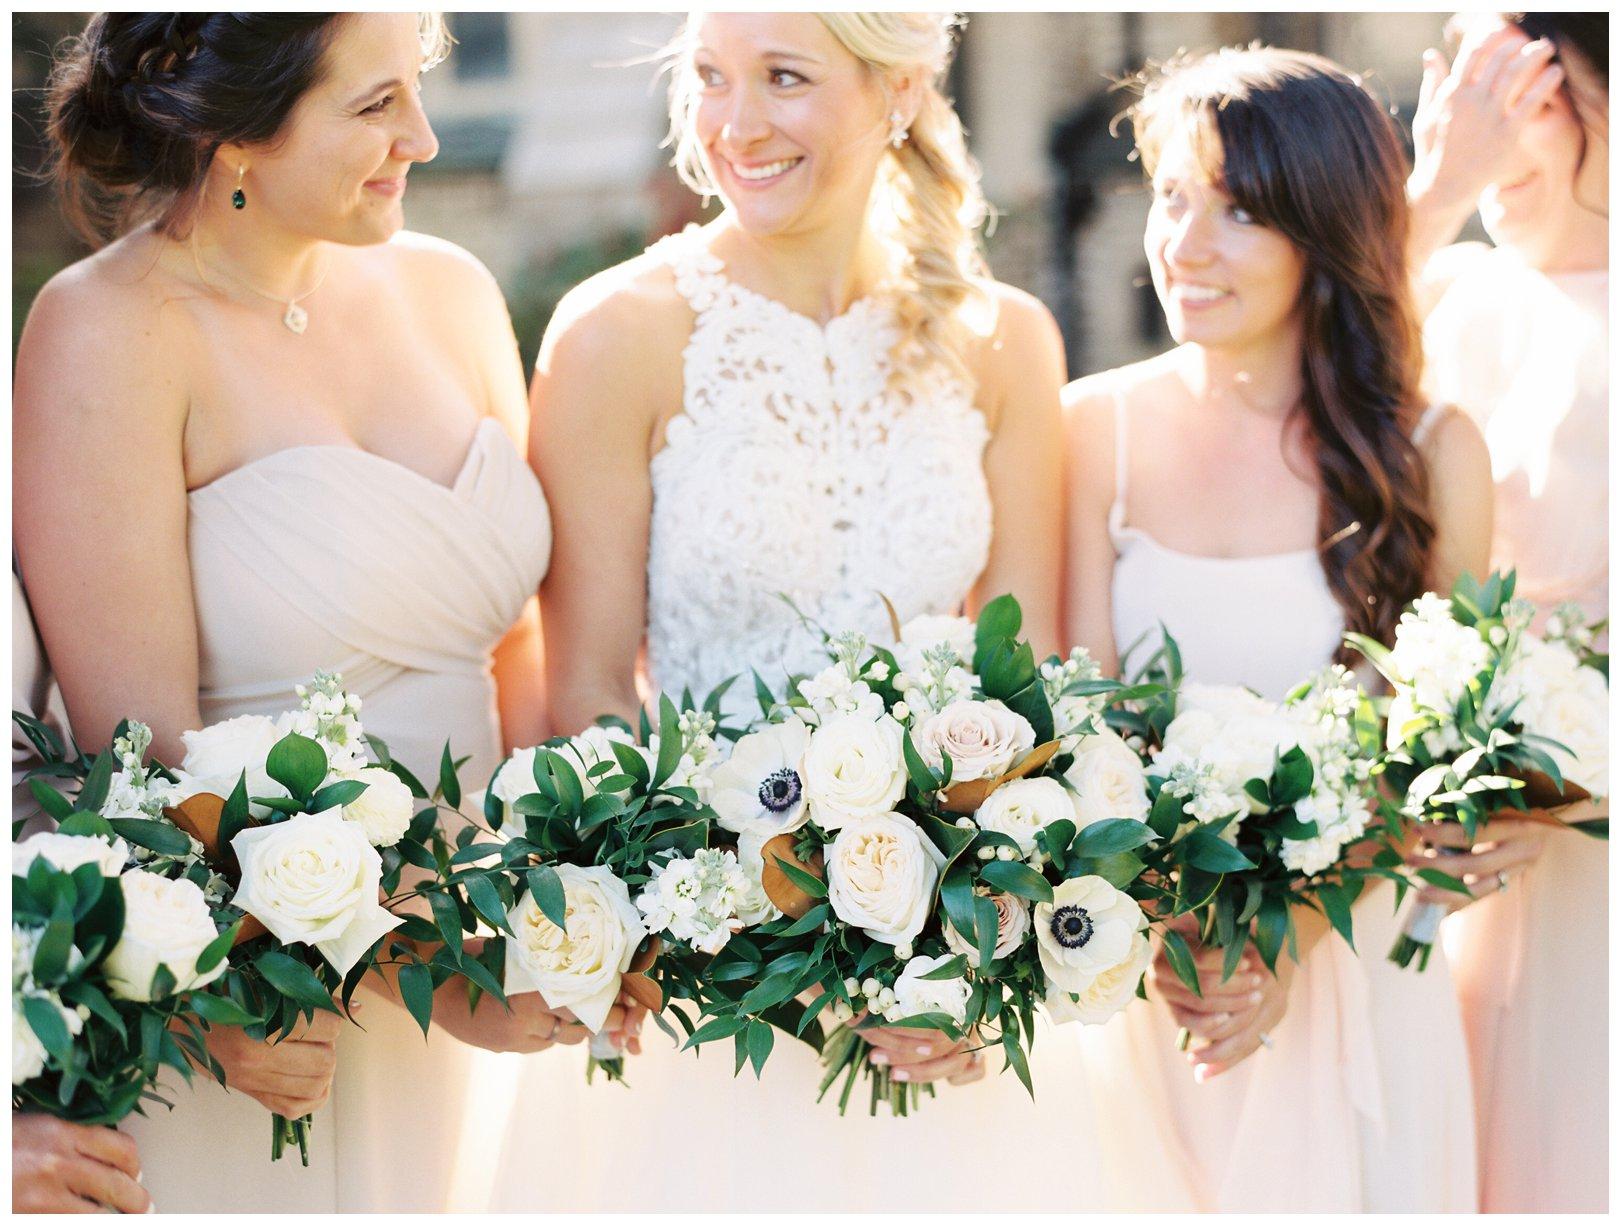 lauren muckler photography_fine art film wedding photography_st louis_photography_2427.jpg